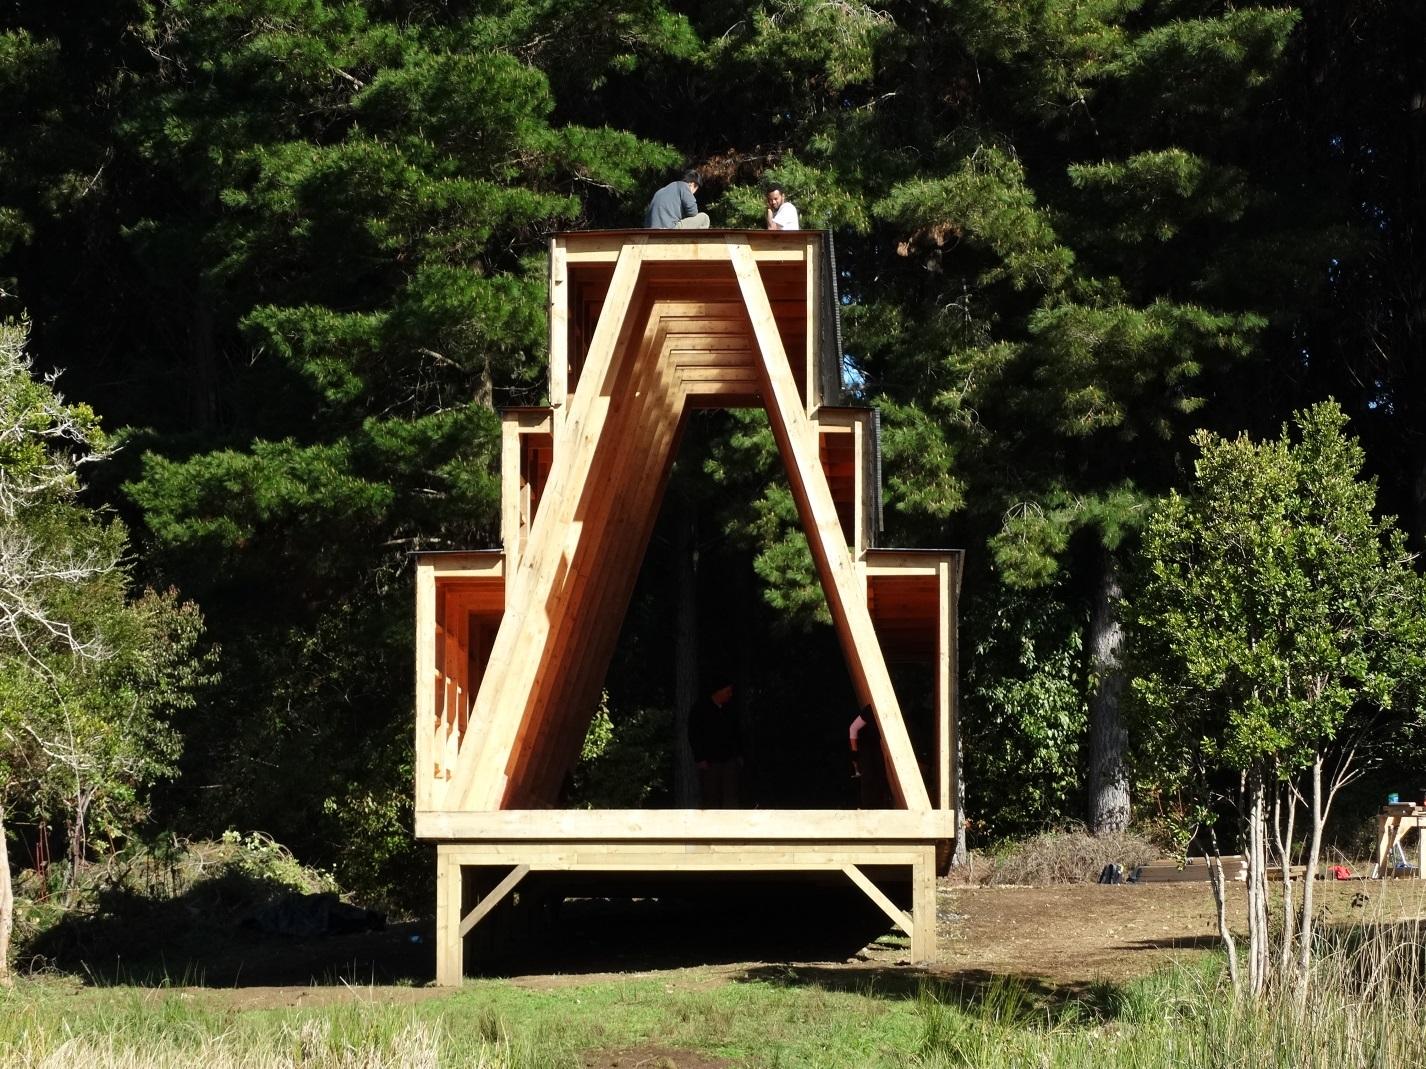 Arauco Tag Plataforma Arquitectura # Muebles Sur Parque Arauco